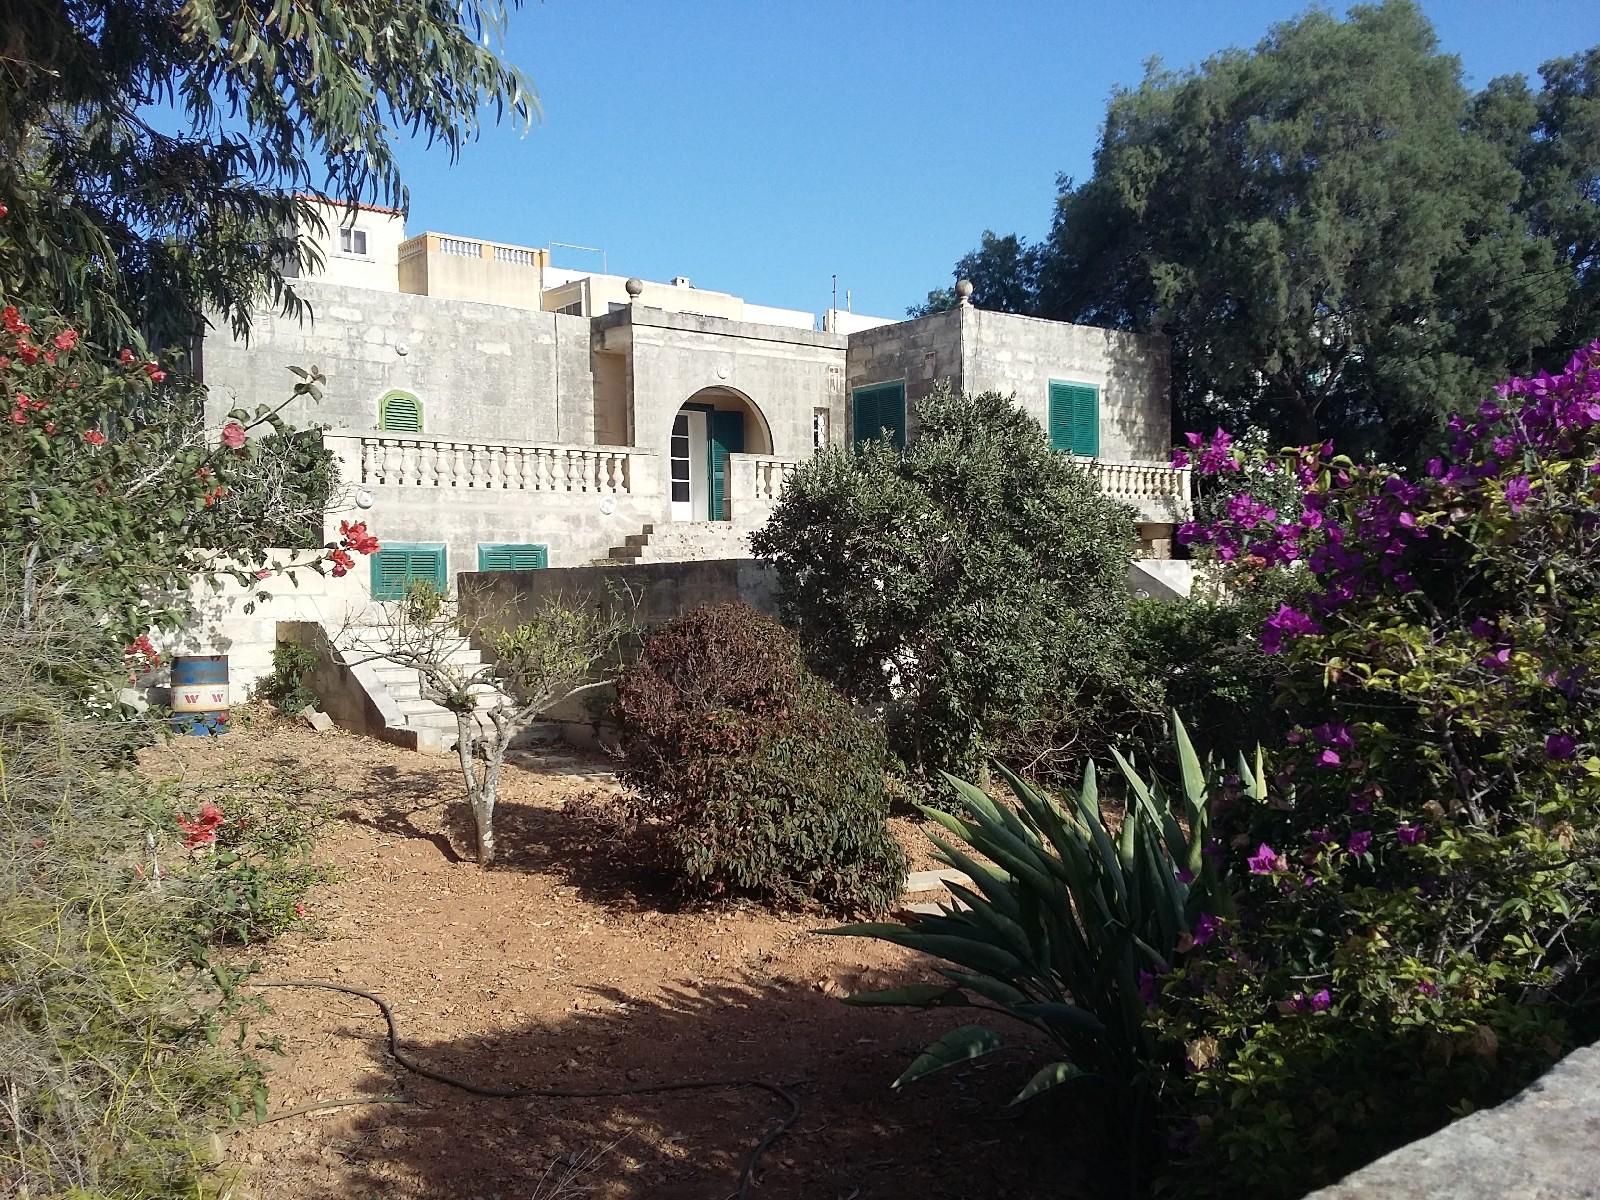 Malta Property for sale in Malta, Madliena